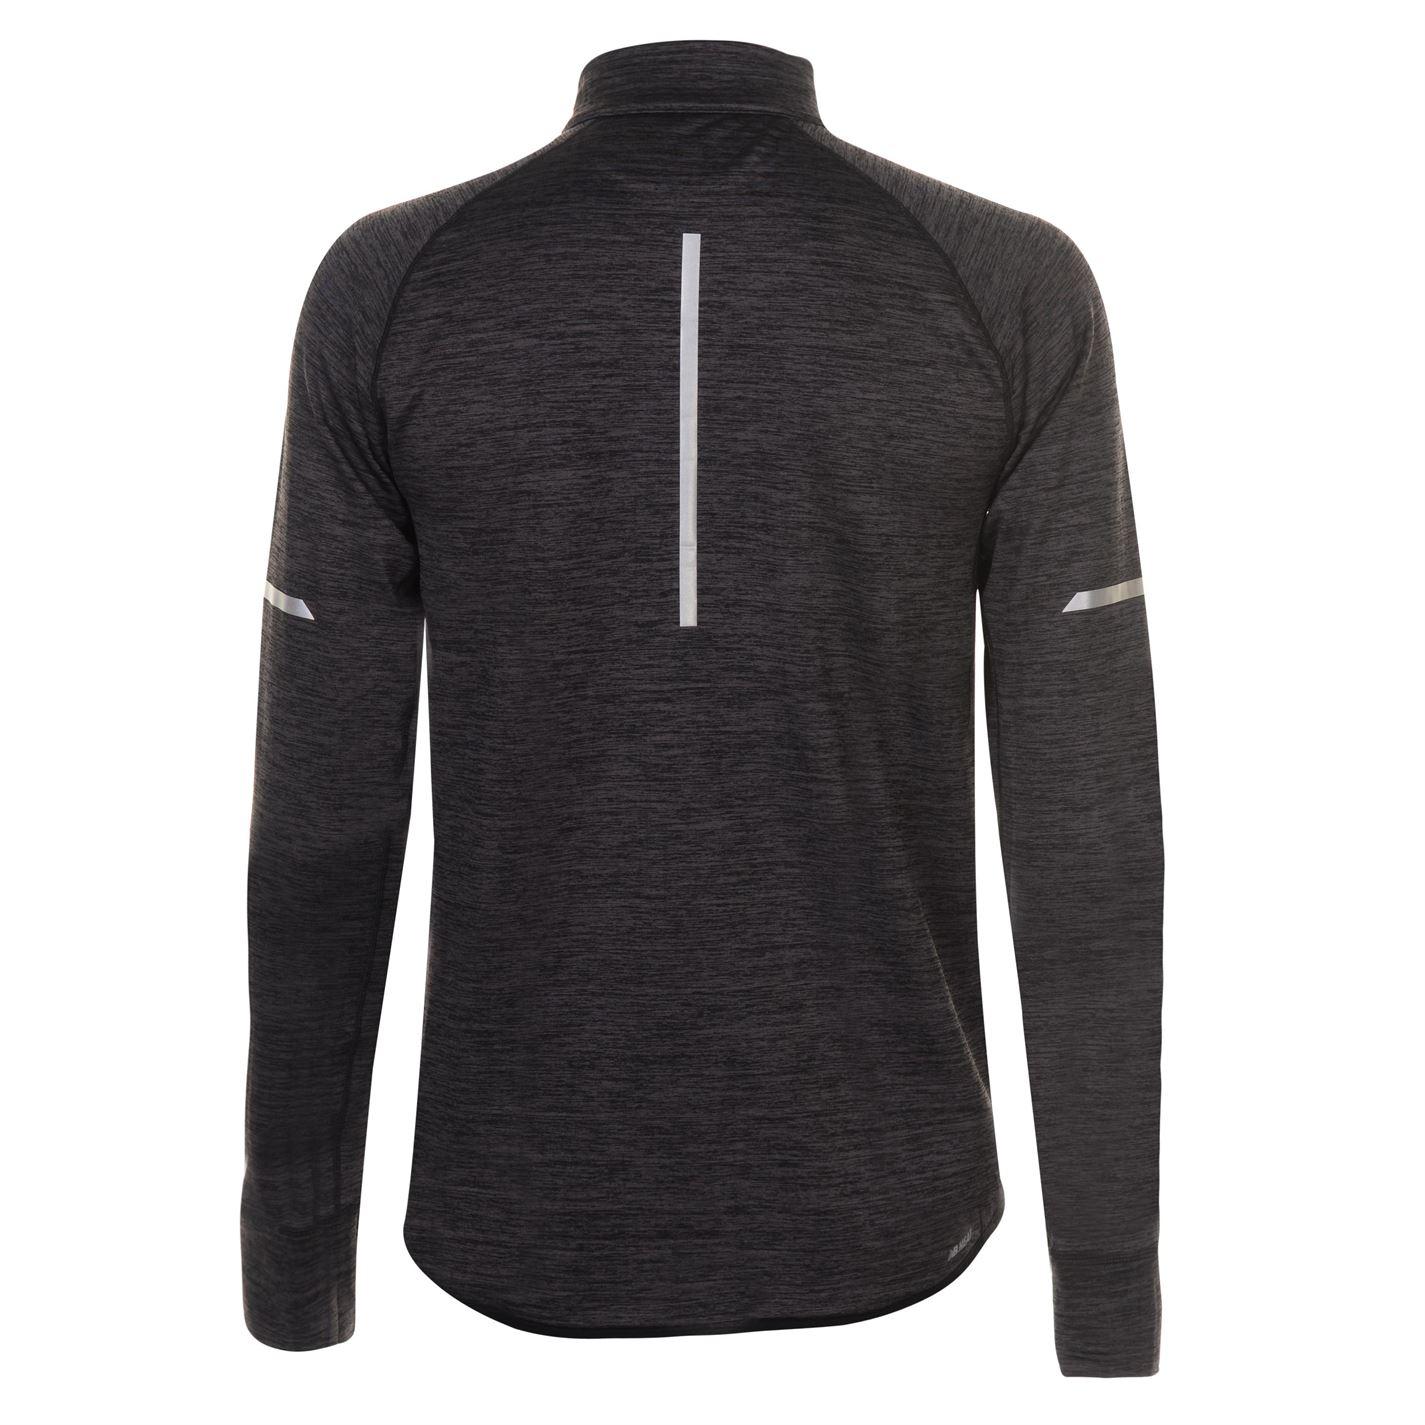 3350eea0ff41d New Balance Mens Heat Half Zip Top Long Sleeve Performance Shirt ...